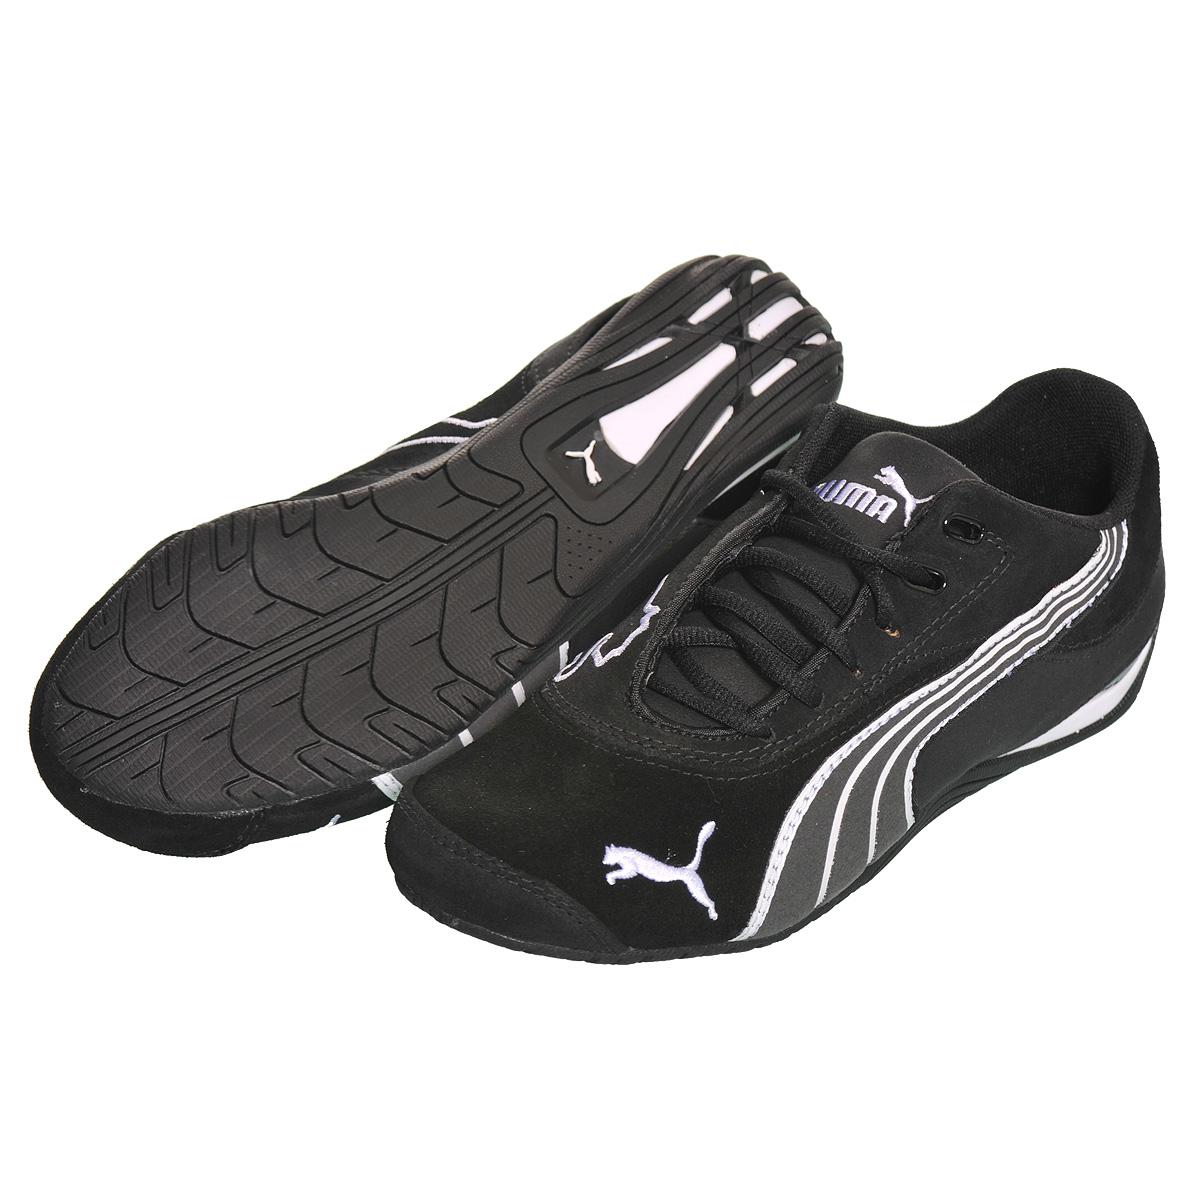 Спортивная обувь Puma 303663 Motorsport